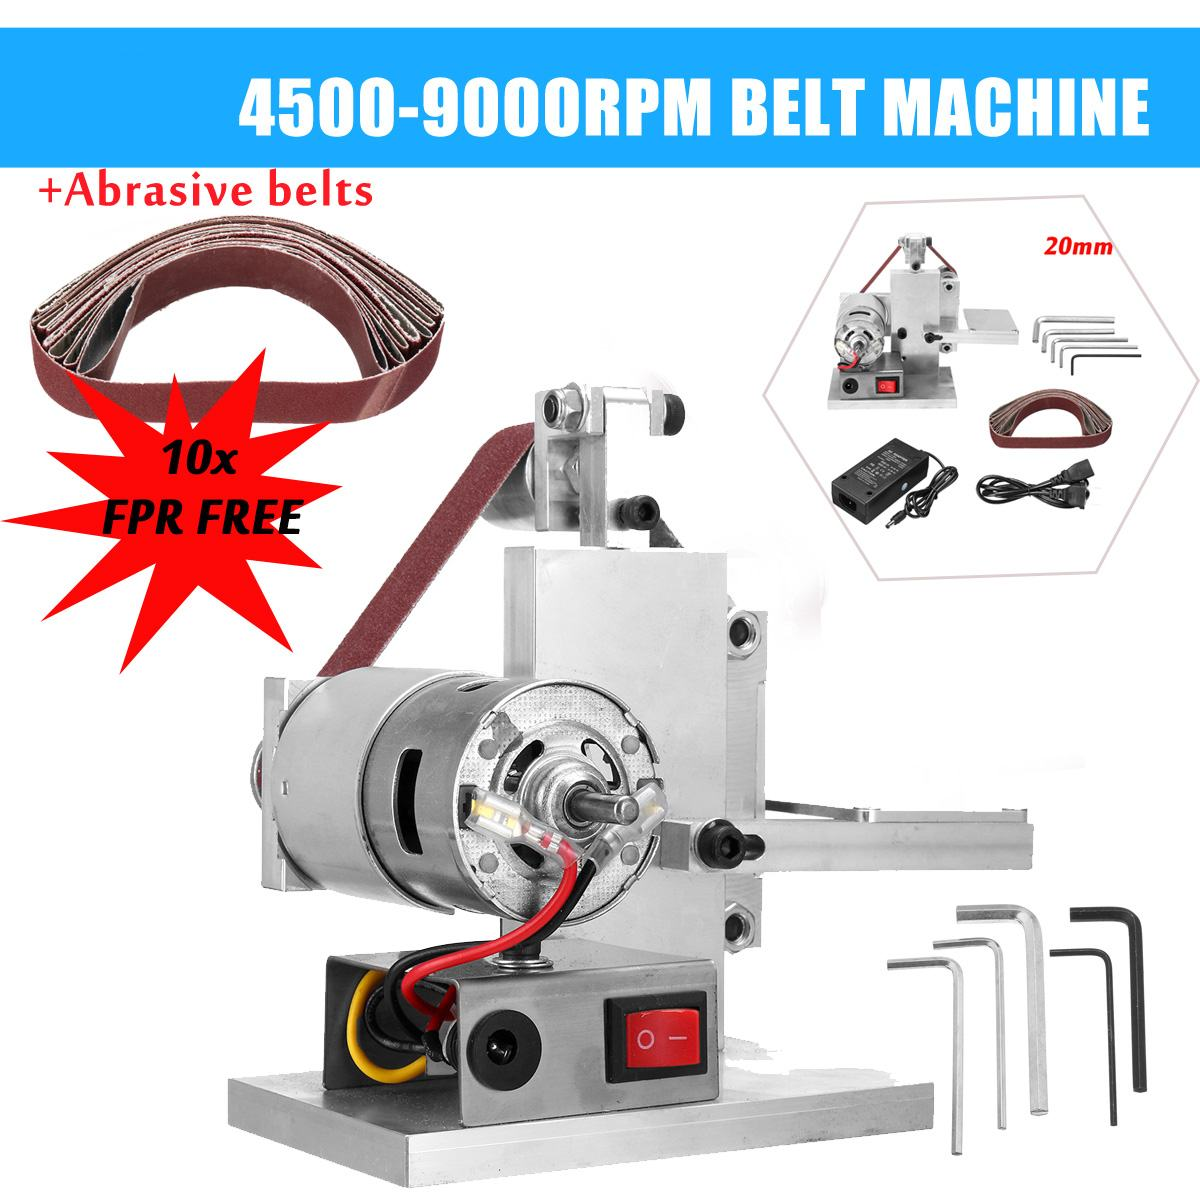 110 240V 10/20mm Mini Electric Belt Sander Polishing Grinding Machine Knife Edges Sharpener Woodworking Metal Grinder Polishing Grinders     - title=